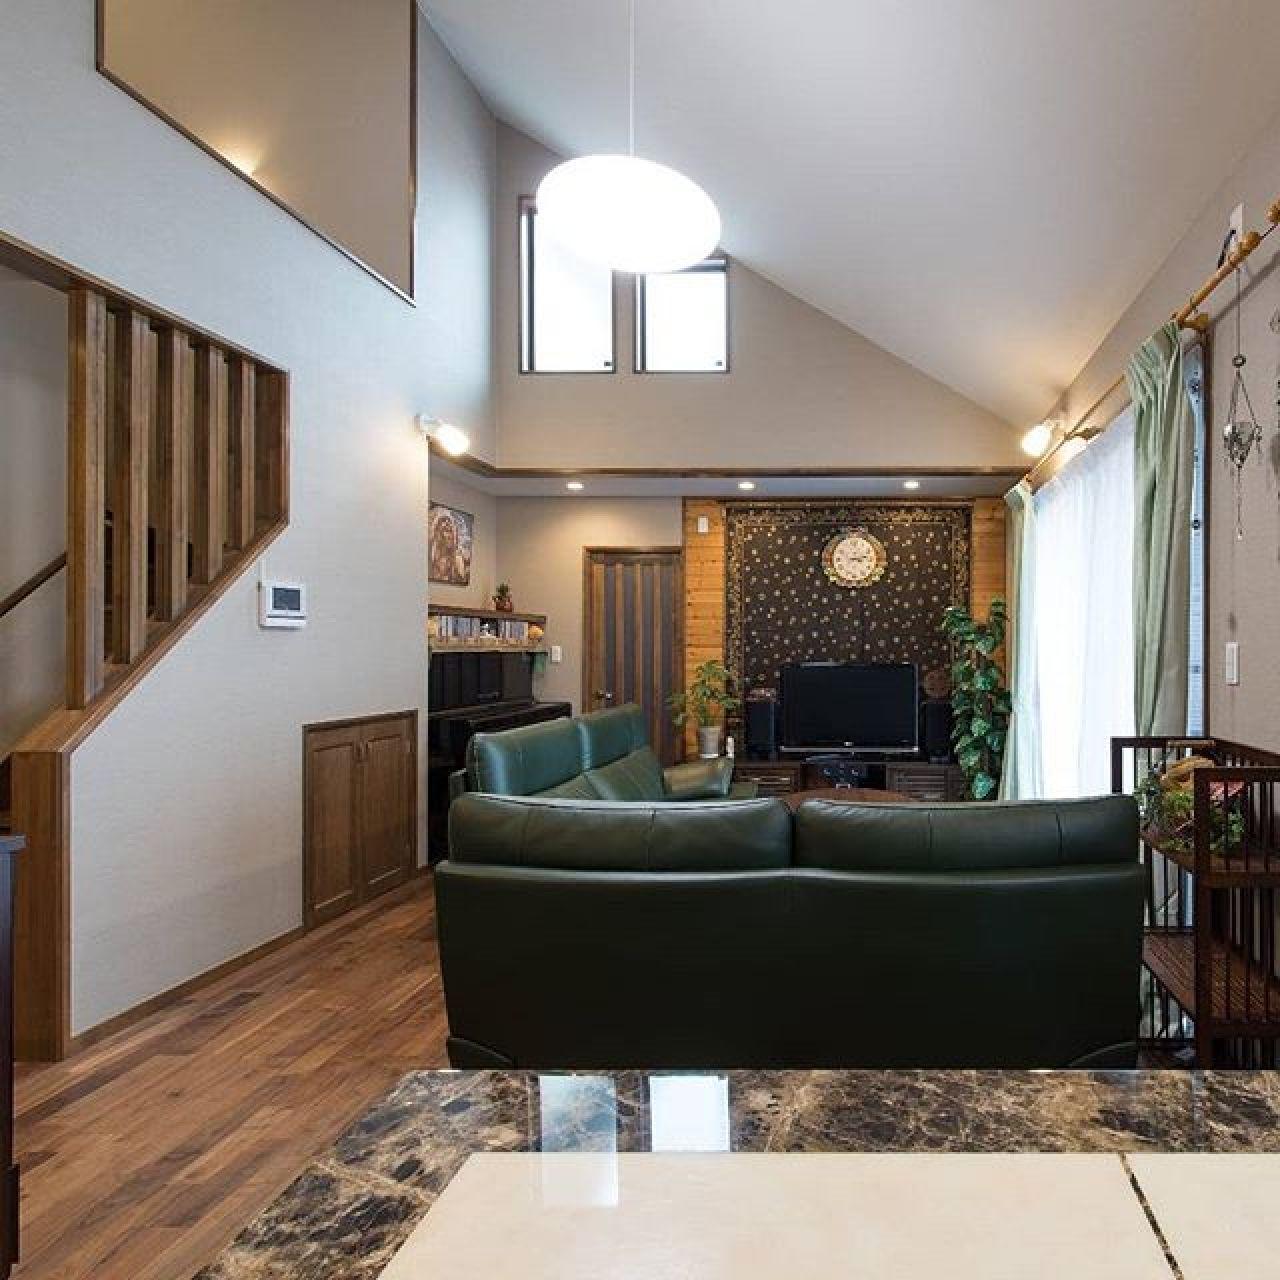 クラシックな雰囲気のLDK。正面にホームシアターのスクリーンが隠れています。#ホームシアター#スクリーン#高気密 #高断熱 #自然素材 #注文住宅 #ブラックウォールナット #勾配天井 #ピアノ #吹き抜け